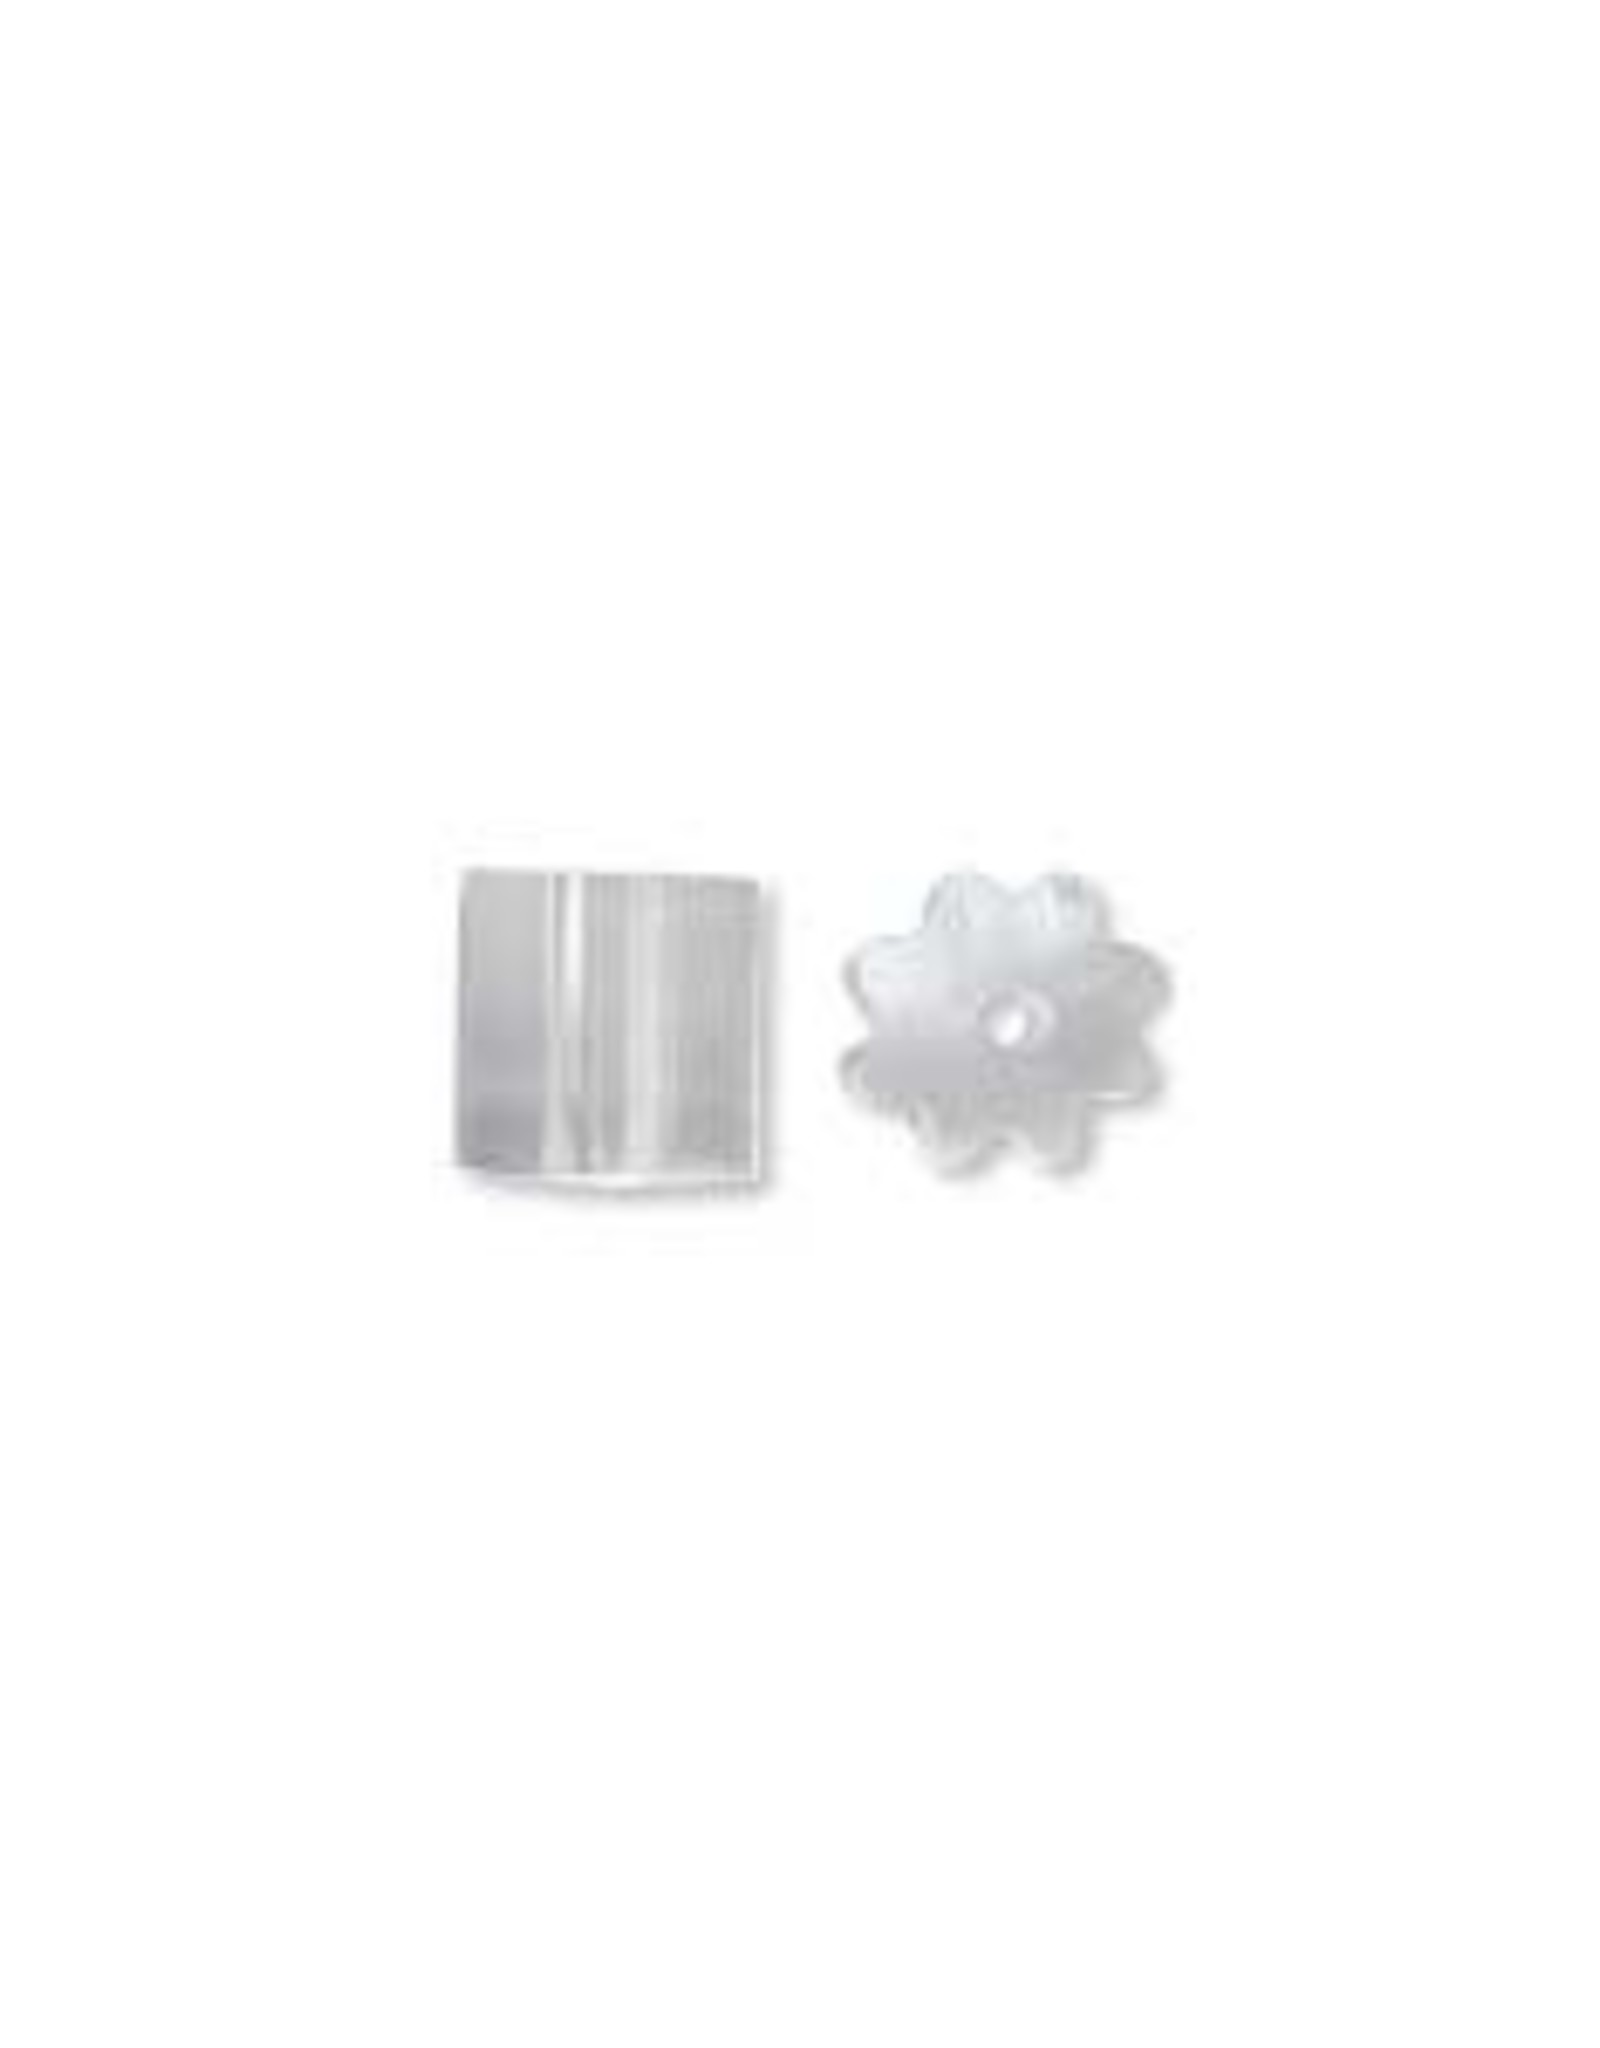 Plastic Earnut Qty 144